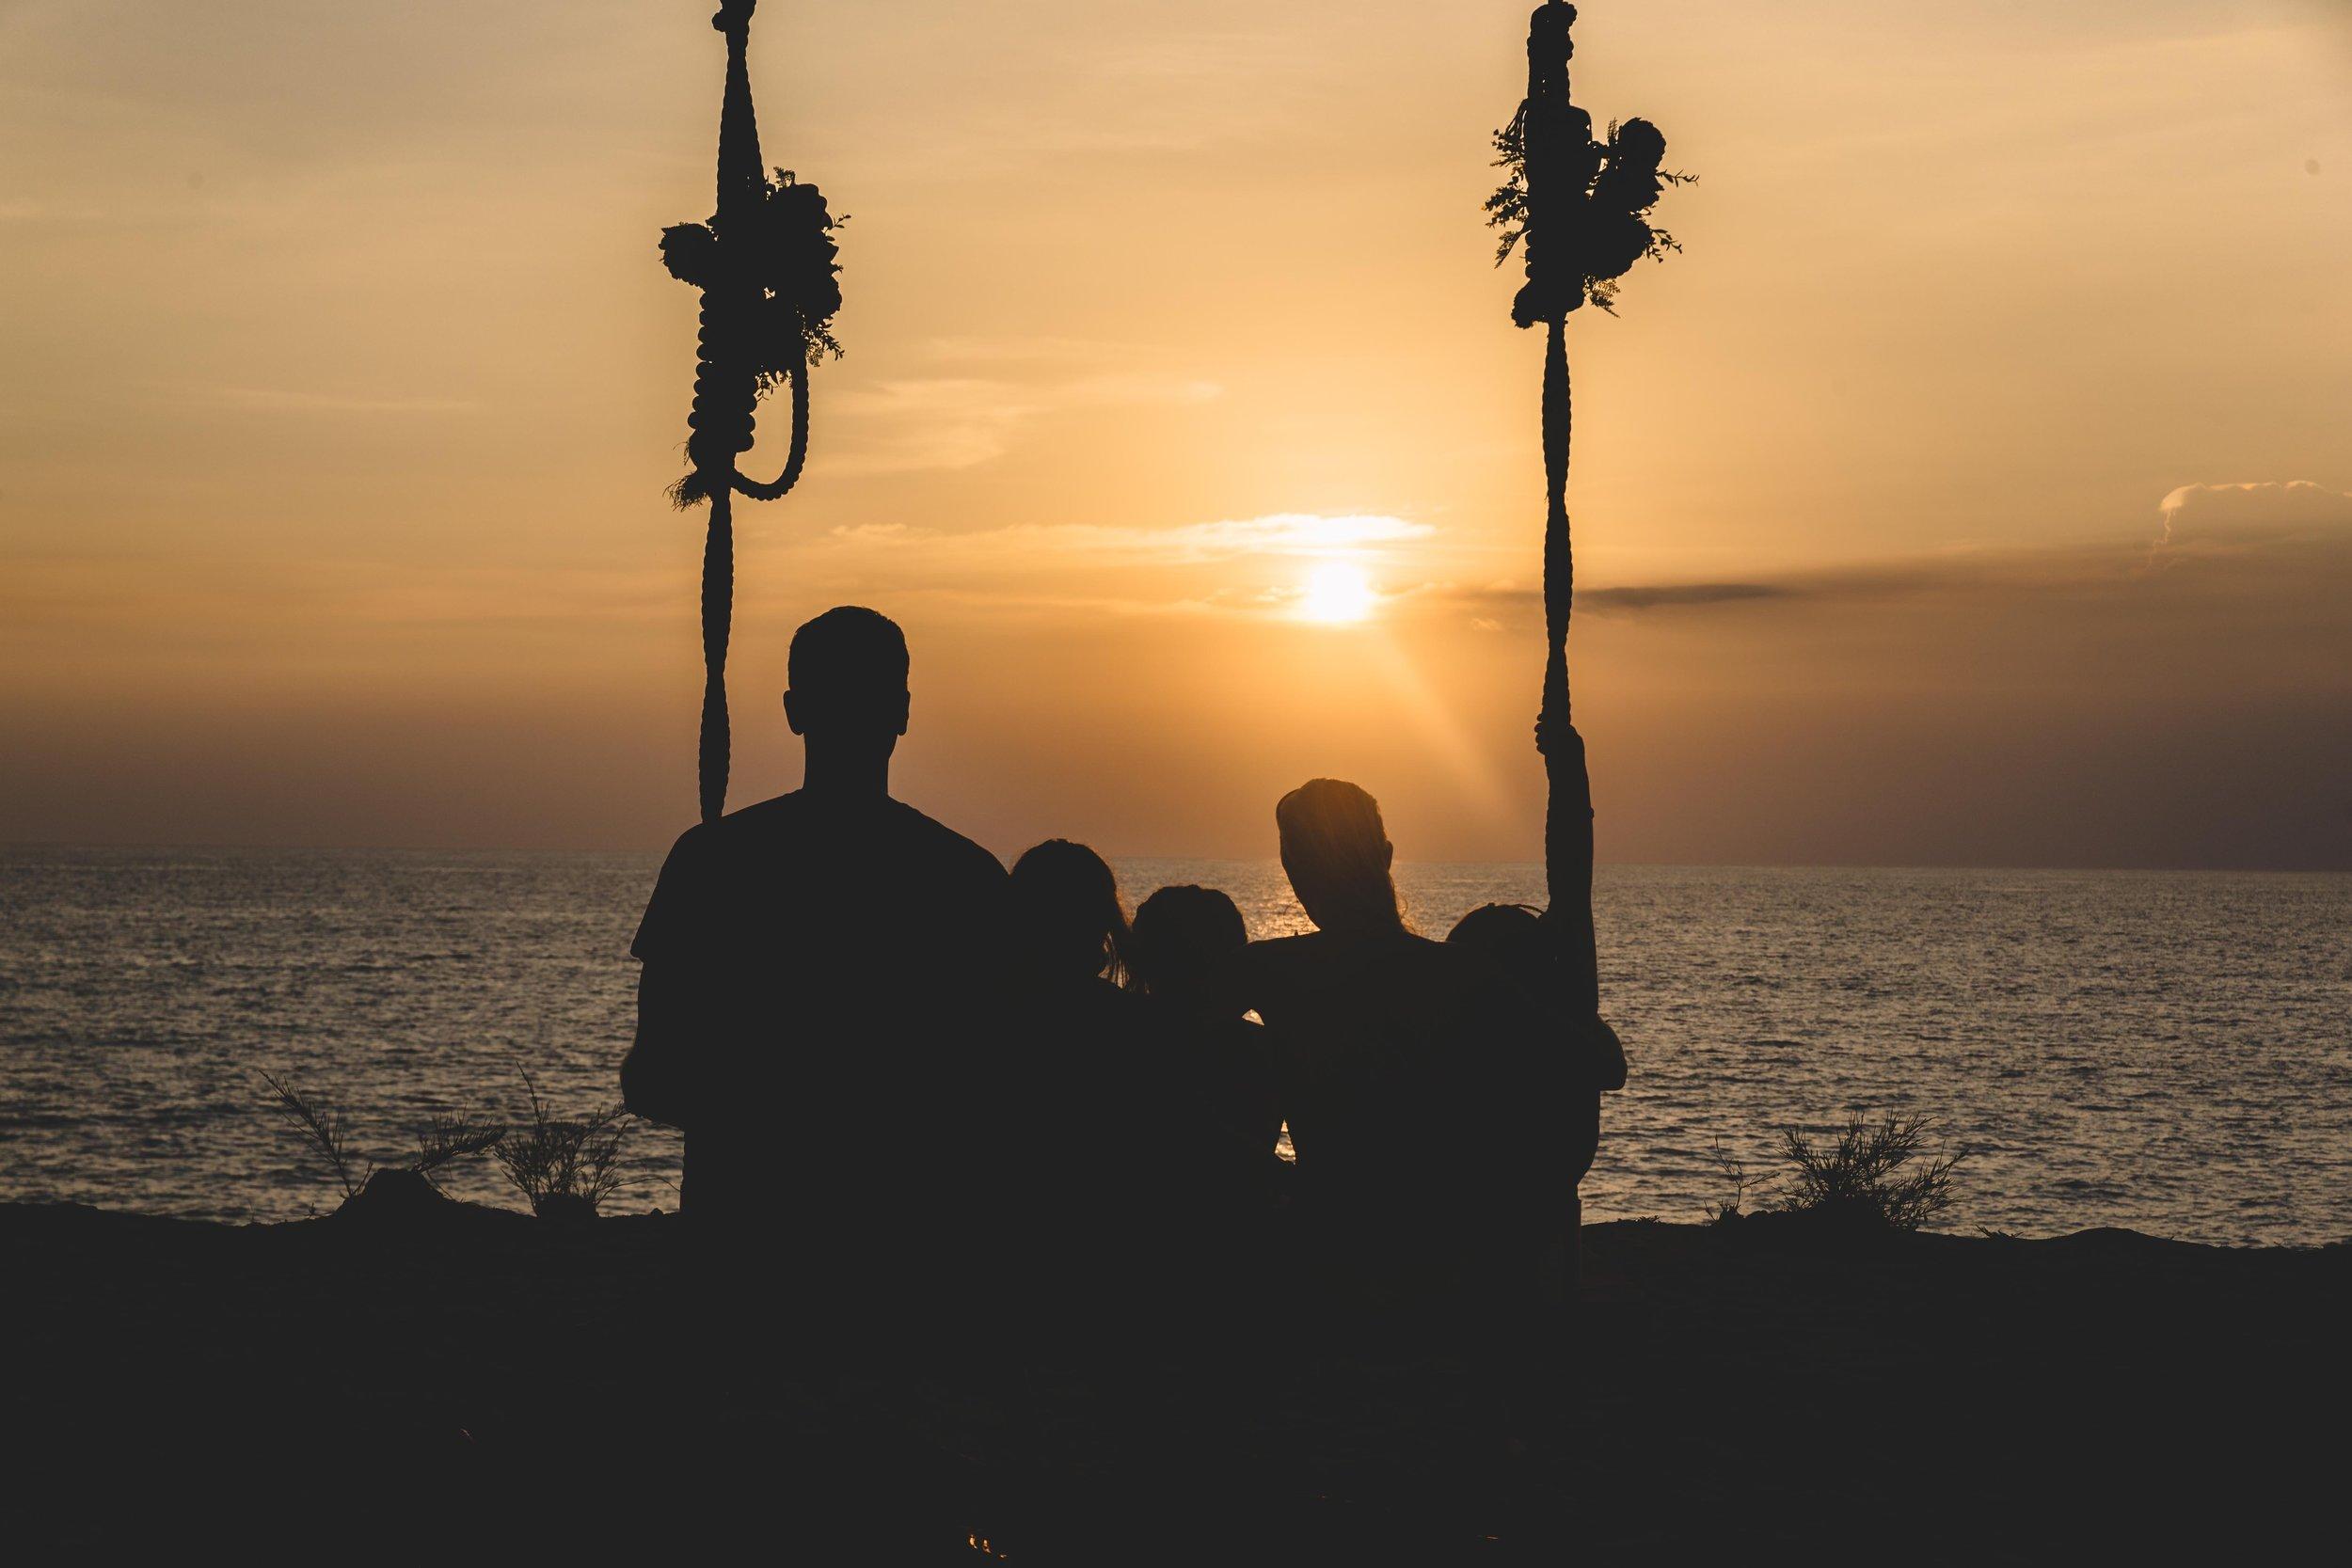 Enjoying the beautiful sunset in Phuket, Thailand.